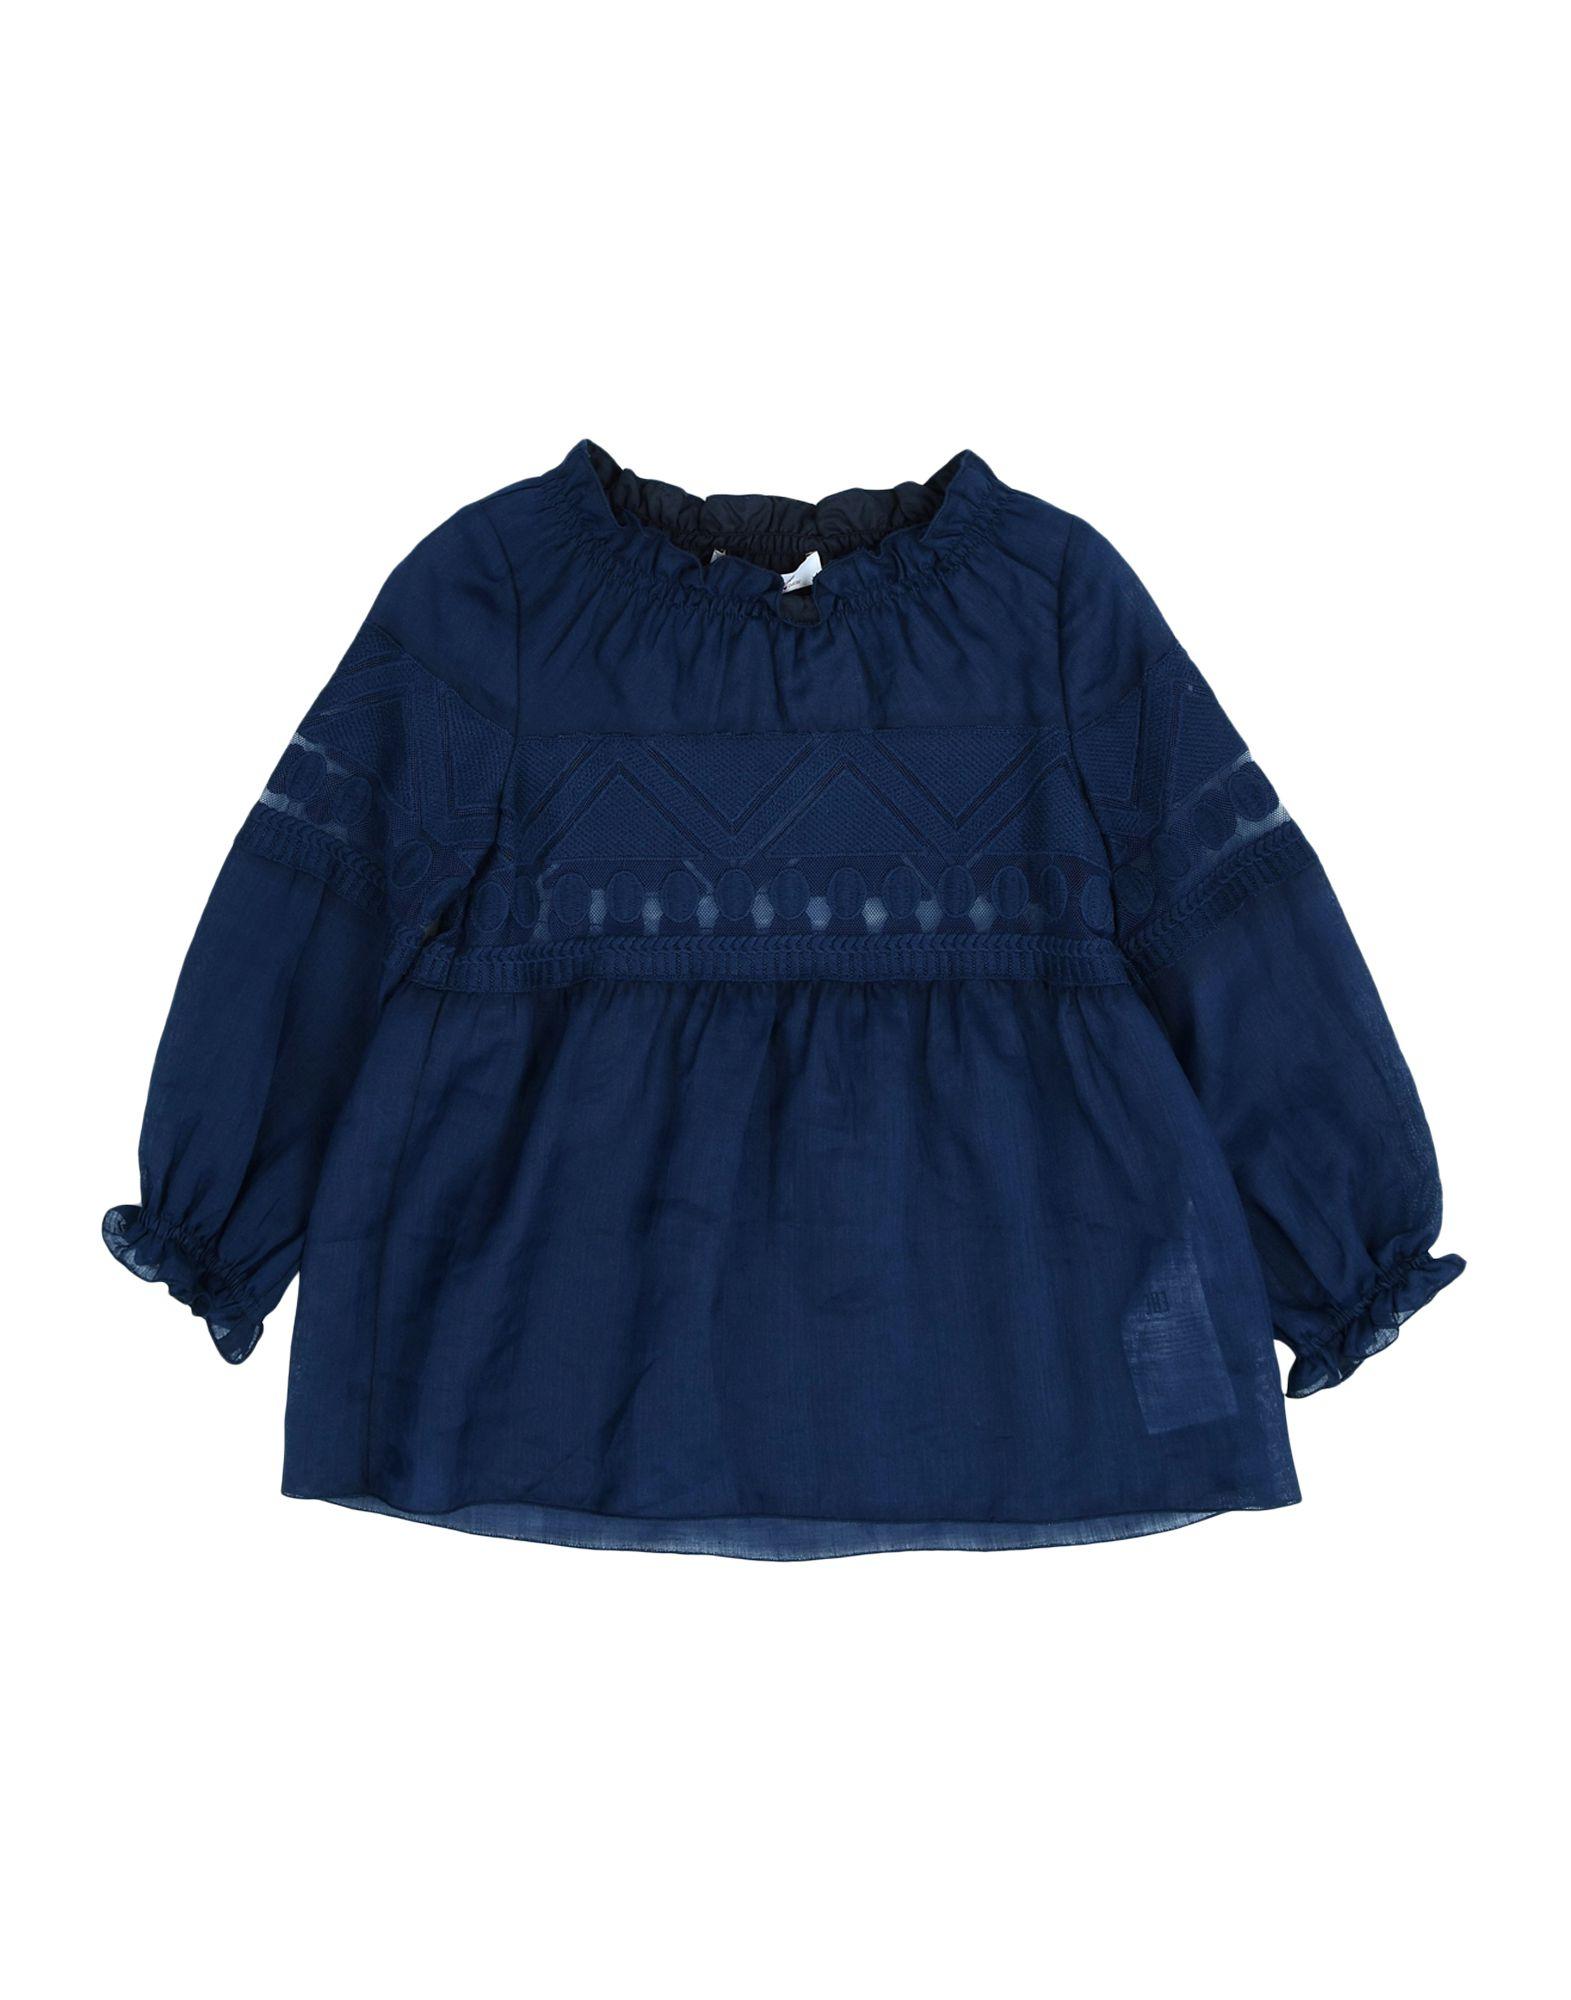 DONDUP DQUEEN Mädchen 3-8 jahre Bluse Farbe Blau Größe 6 jetztbilligerkaufen